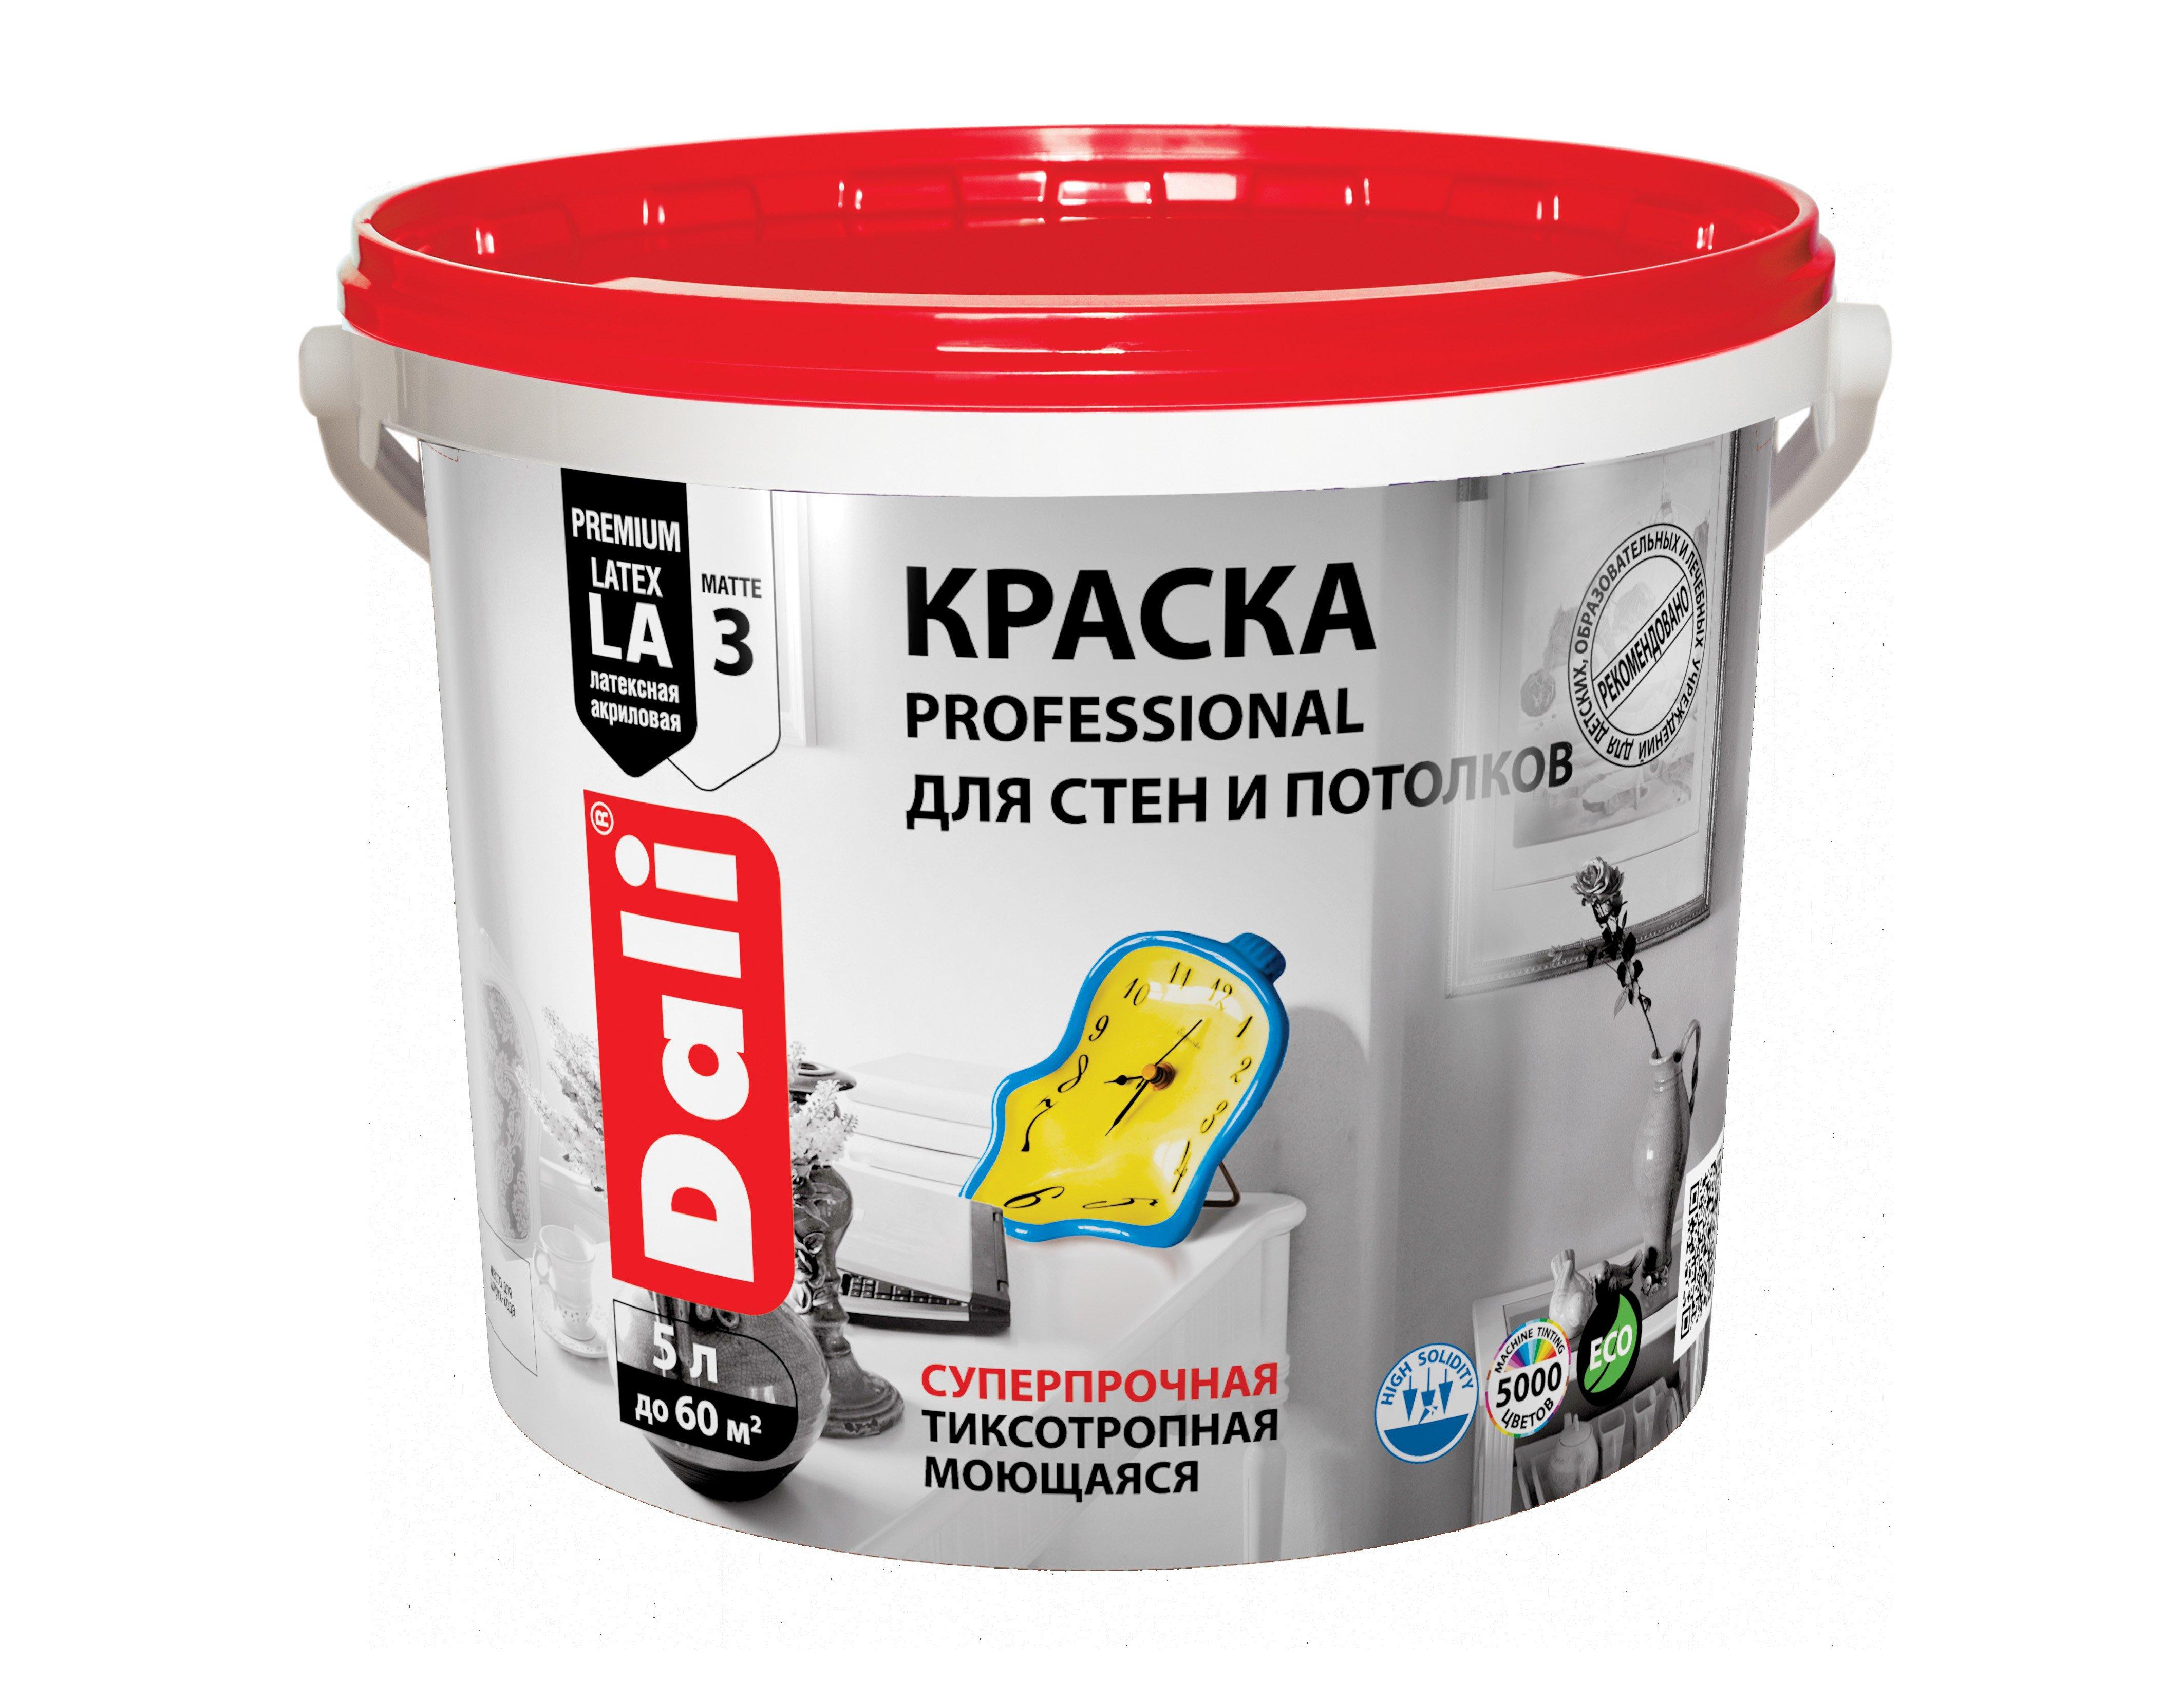 Профессиональная краска для ванной комнаты